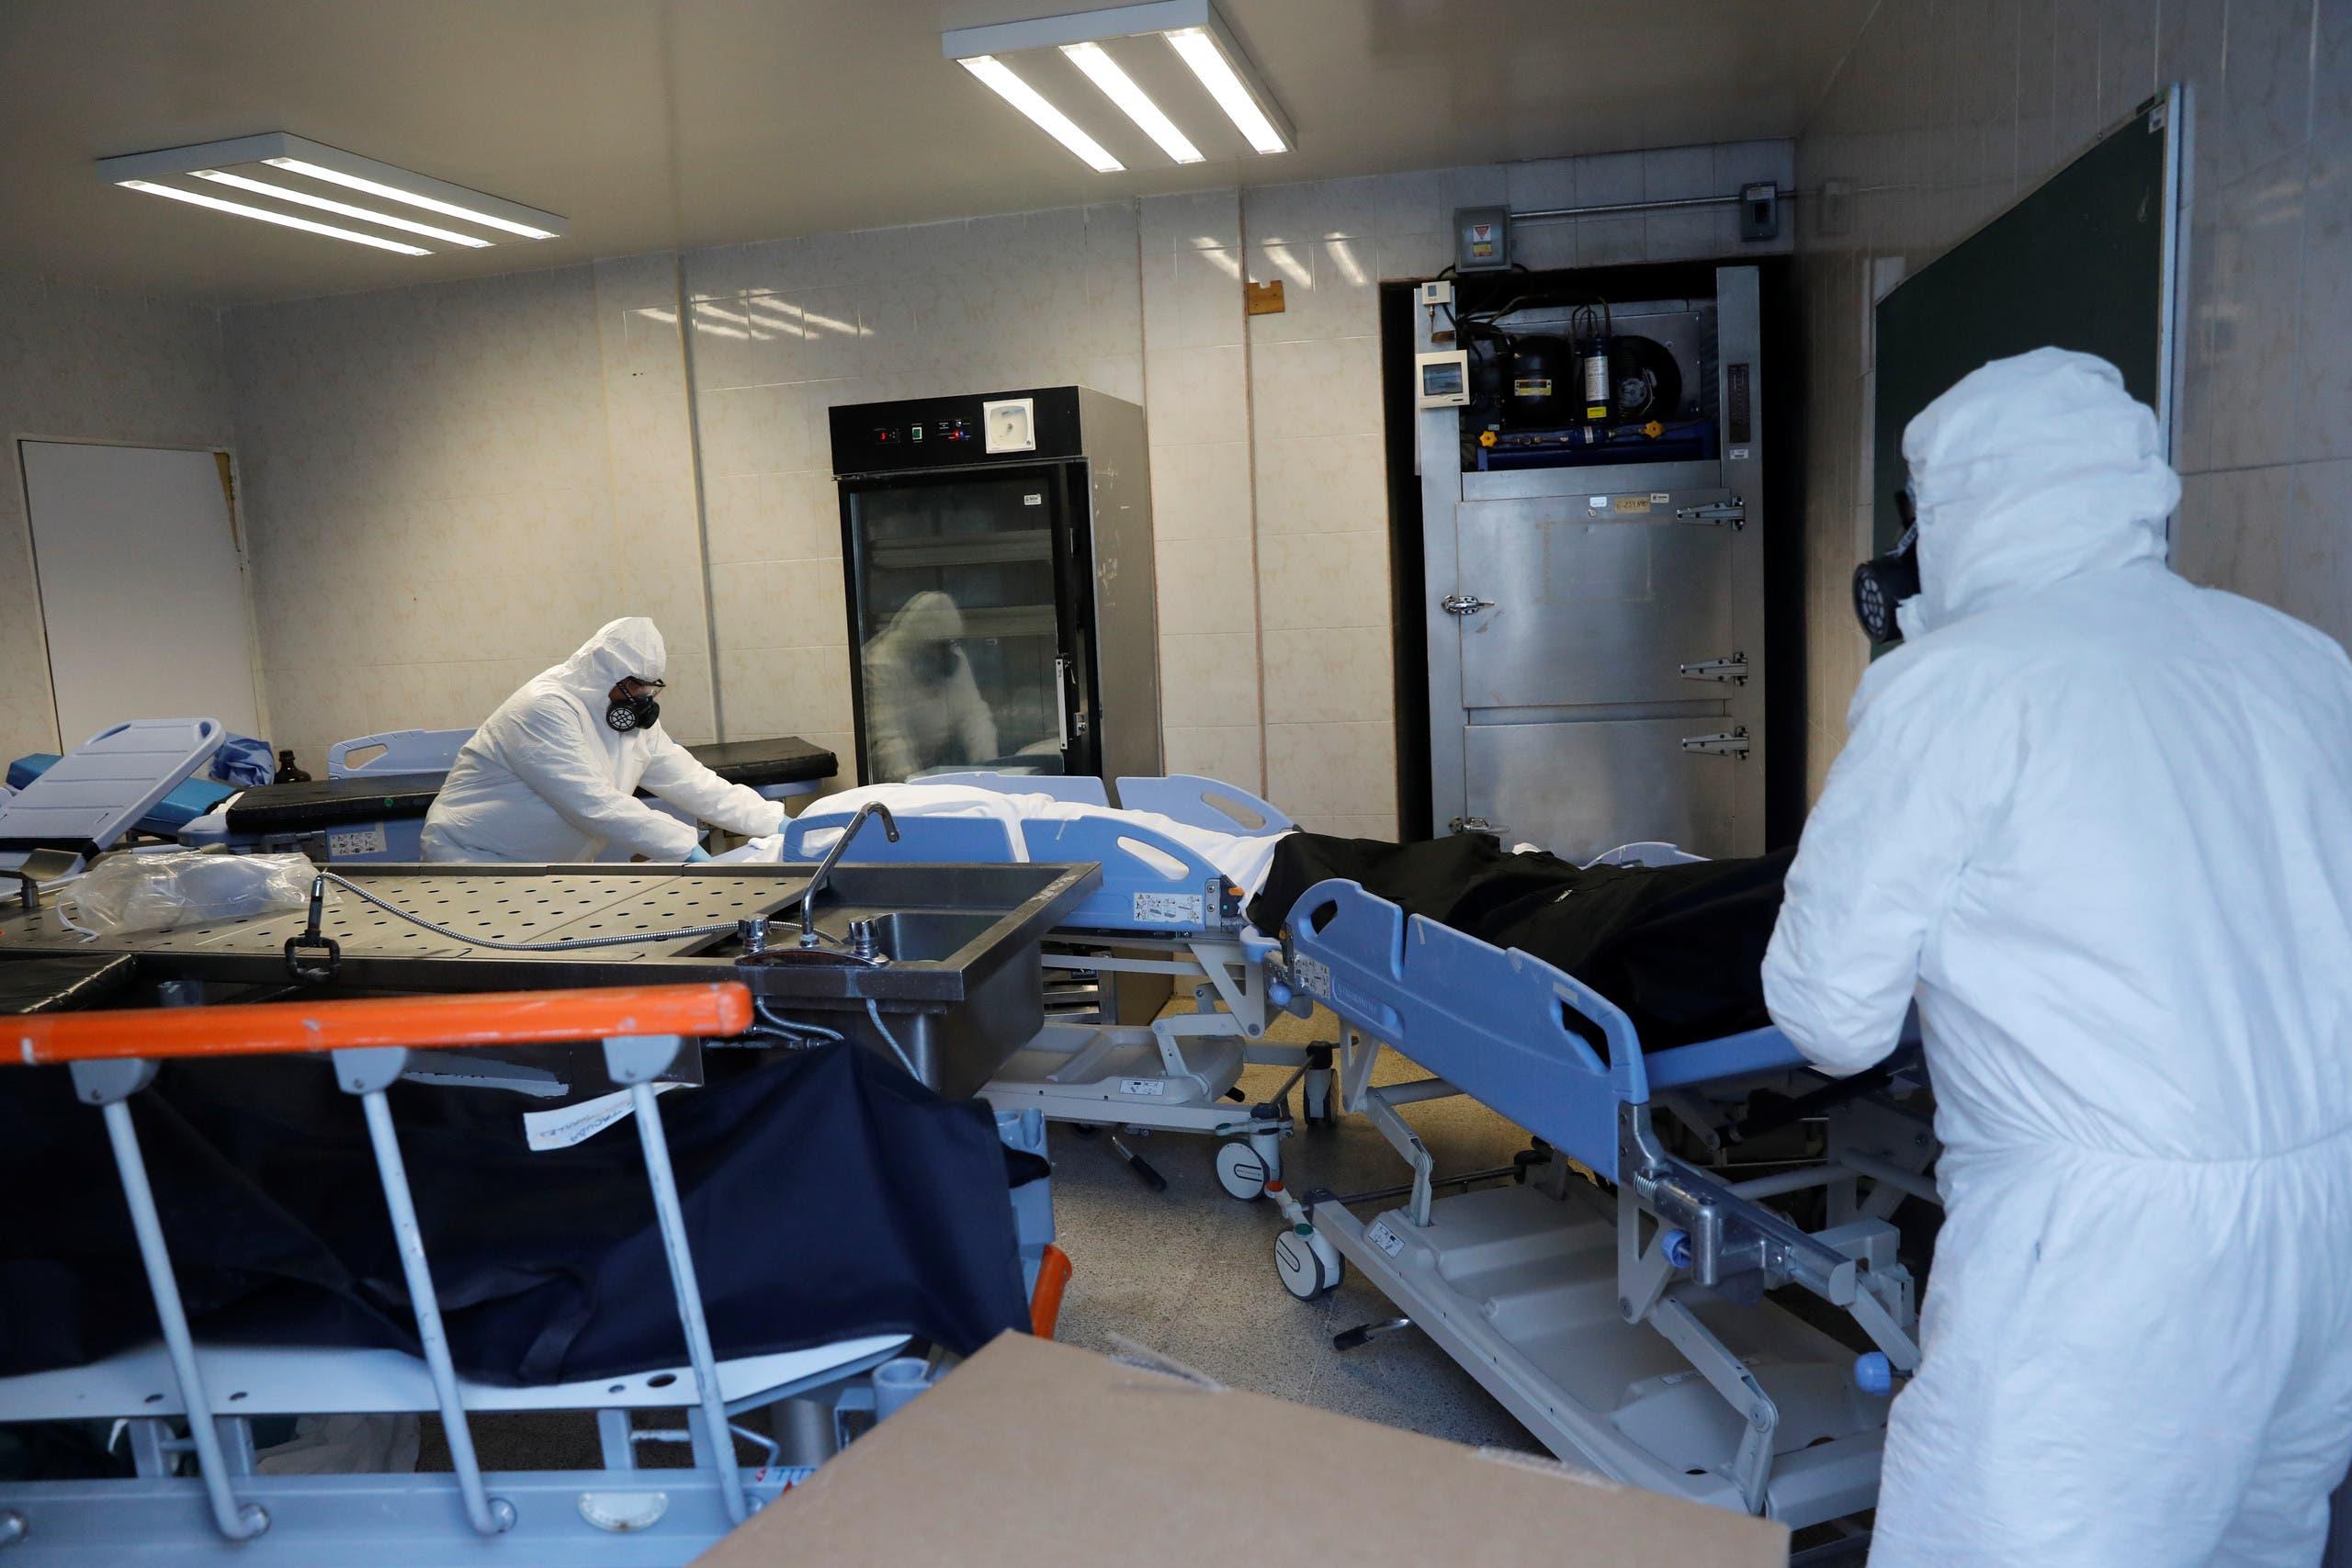 جثة احد المتوفين يكورونا في مستشفى بالمكسيك